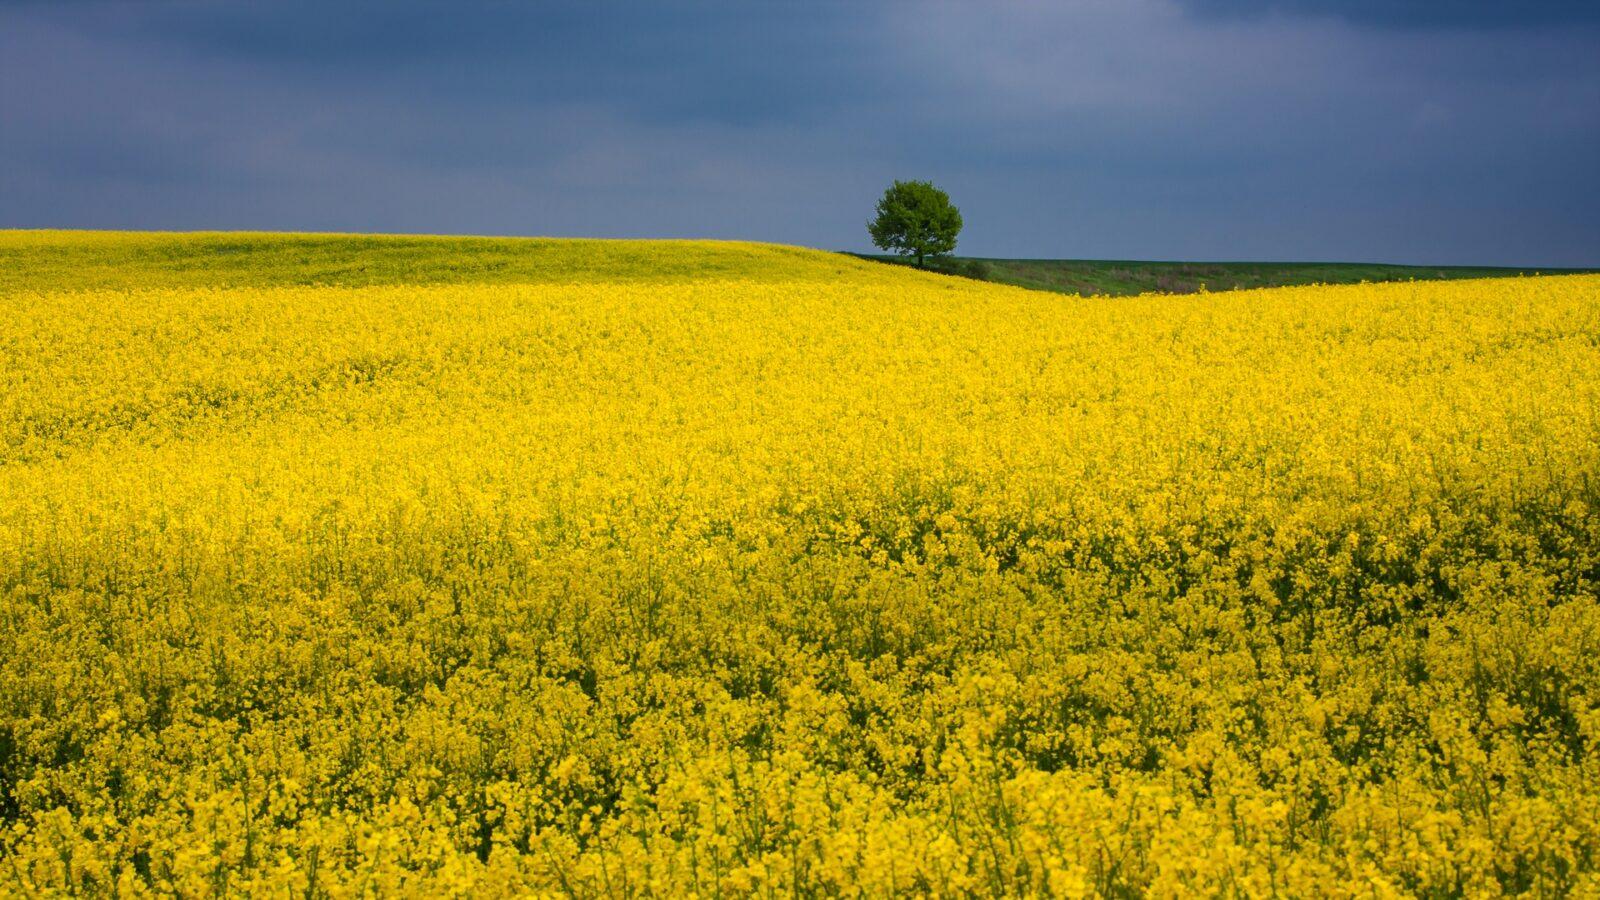 Kwitnący rzepak - Dolny Śląsk